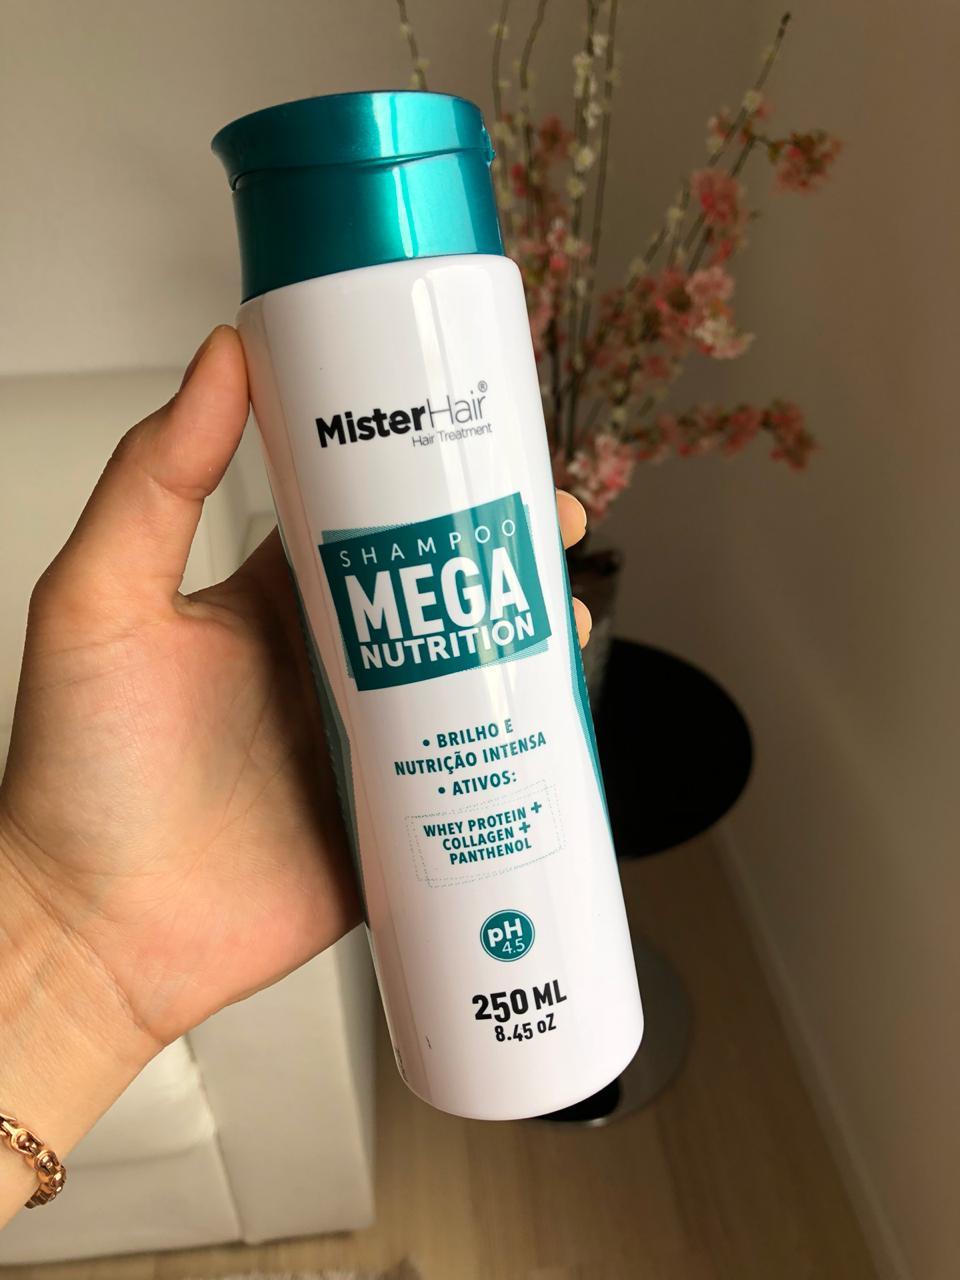 linha-mega-nutrition-da-mister-hair-e-boa-resenha-shampoo